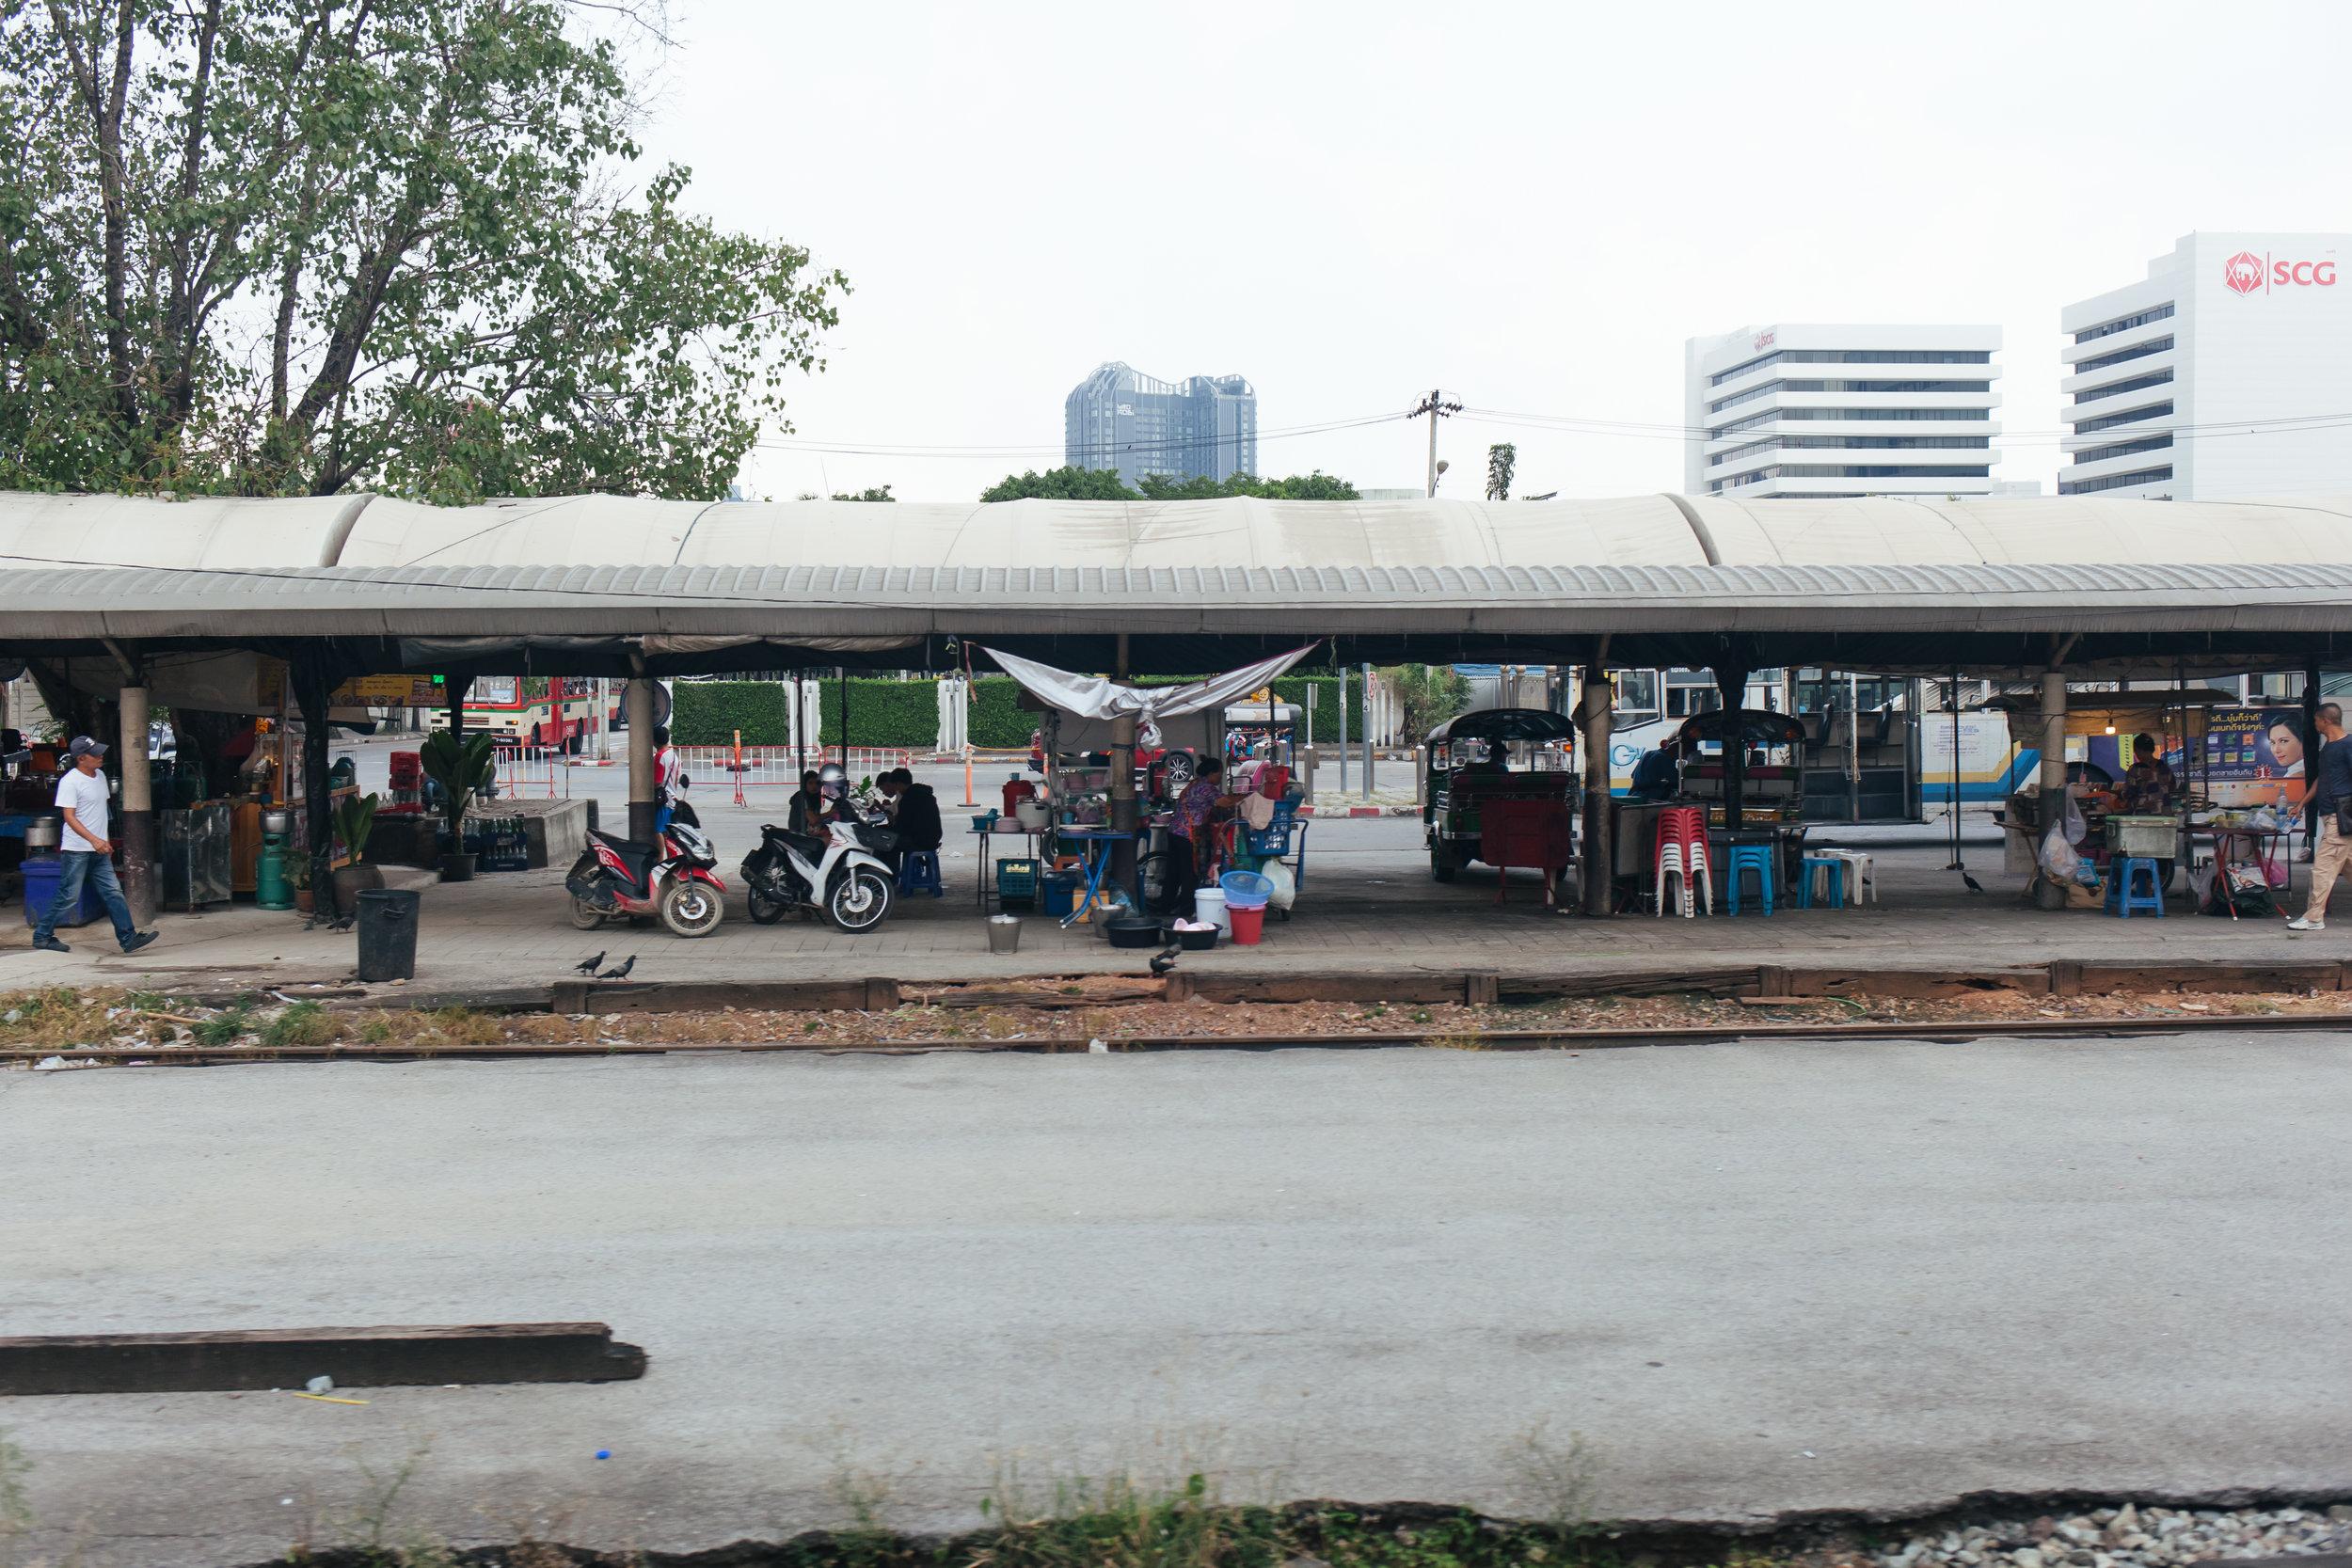 thailand_lampang_ayuthaya_train (61 of 77).jpg